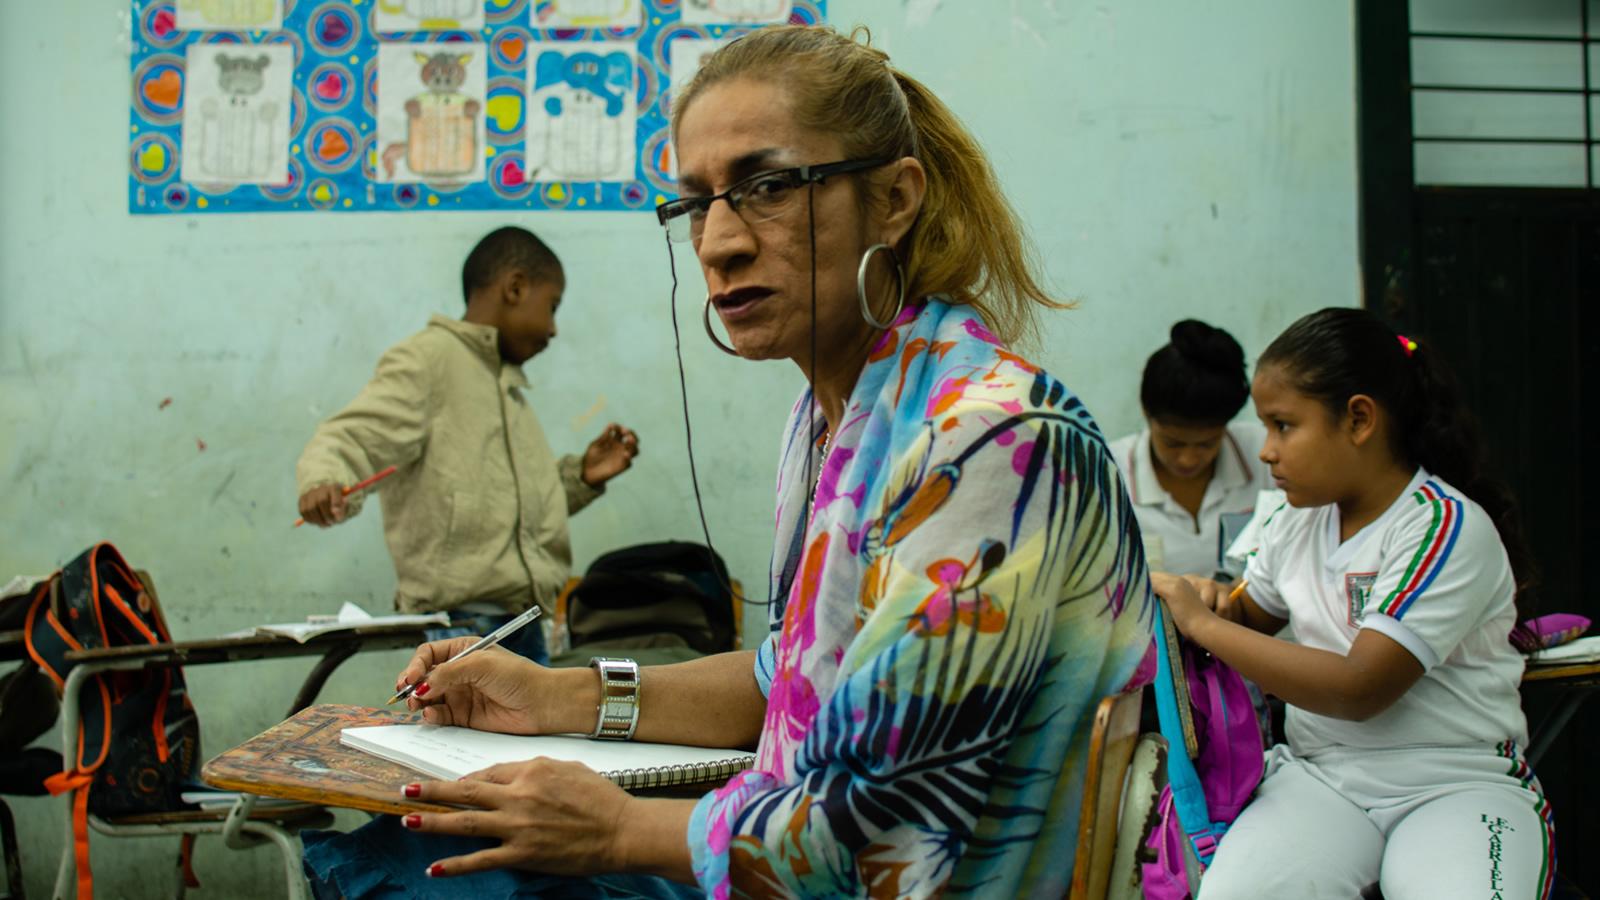 solypsi-la-primera-profe-trans-de-los-colegios-publicos-en-colombia